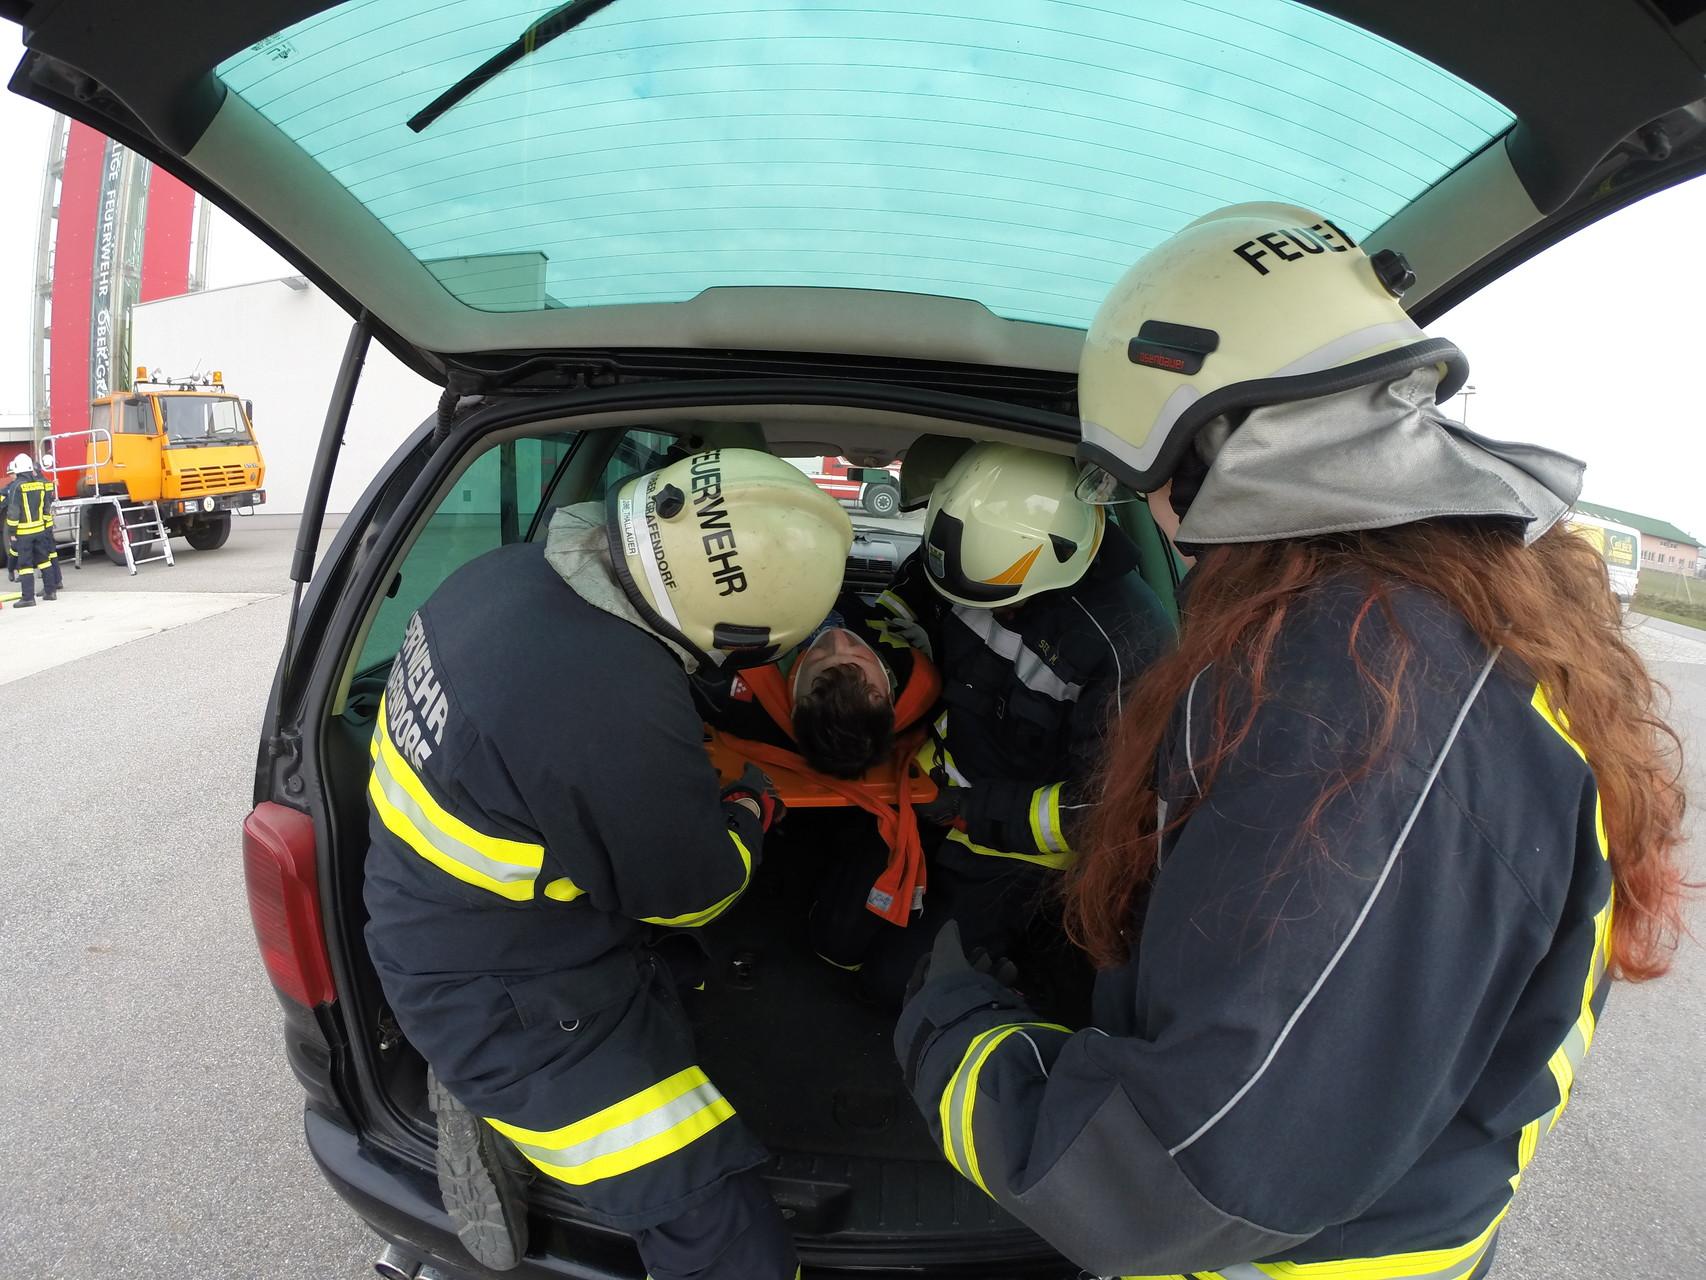 Rettung via Heckklappe